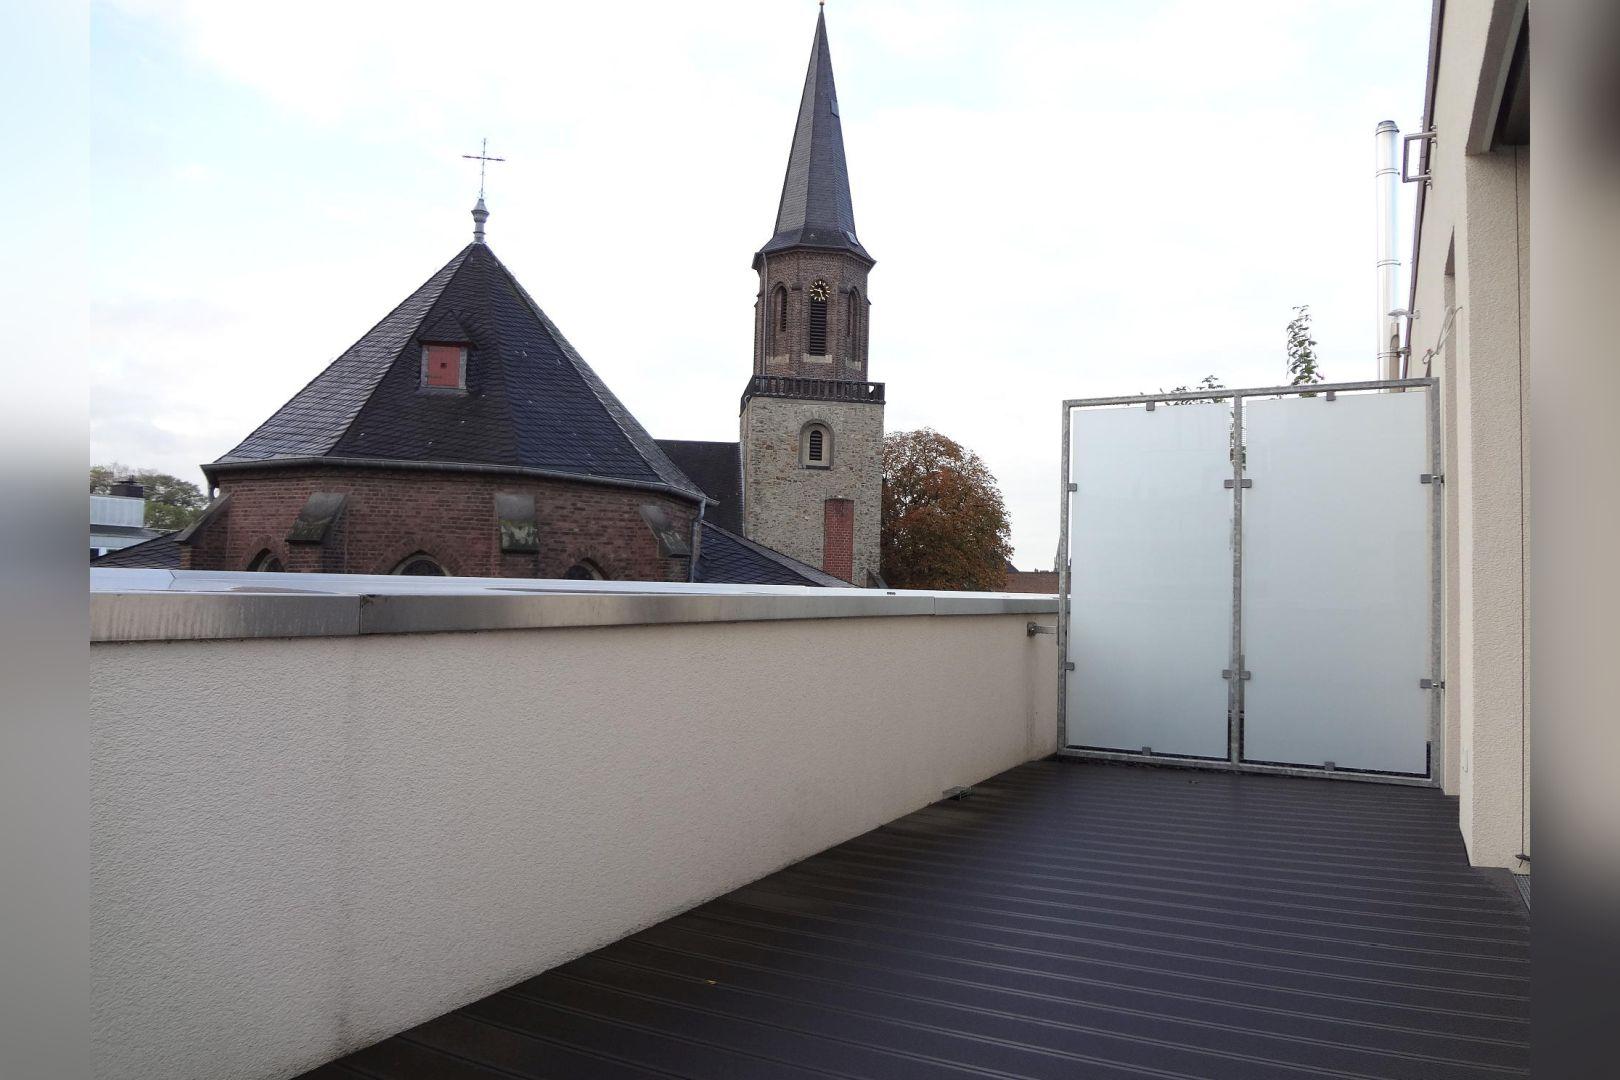 Immobilie Nr.0285 - 3-Zimmer-Maisonettewohnung mit Dachterrasse und TG-Stellplatz - Bild 6.jpg